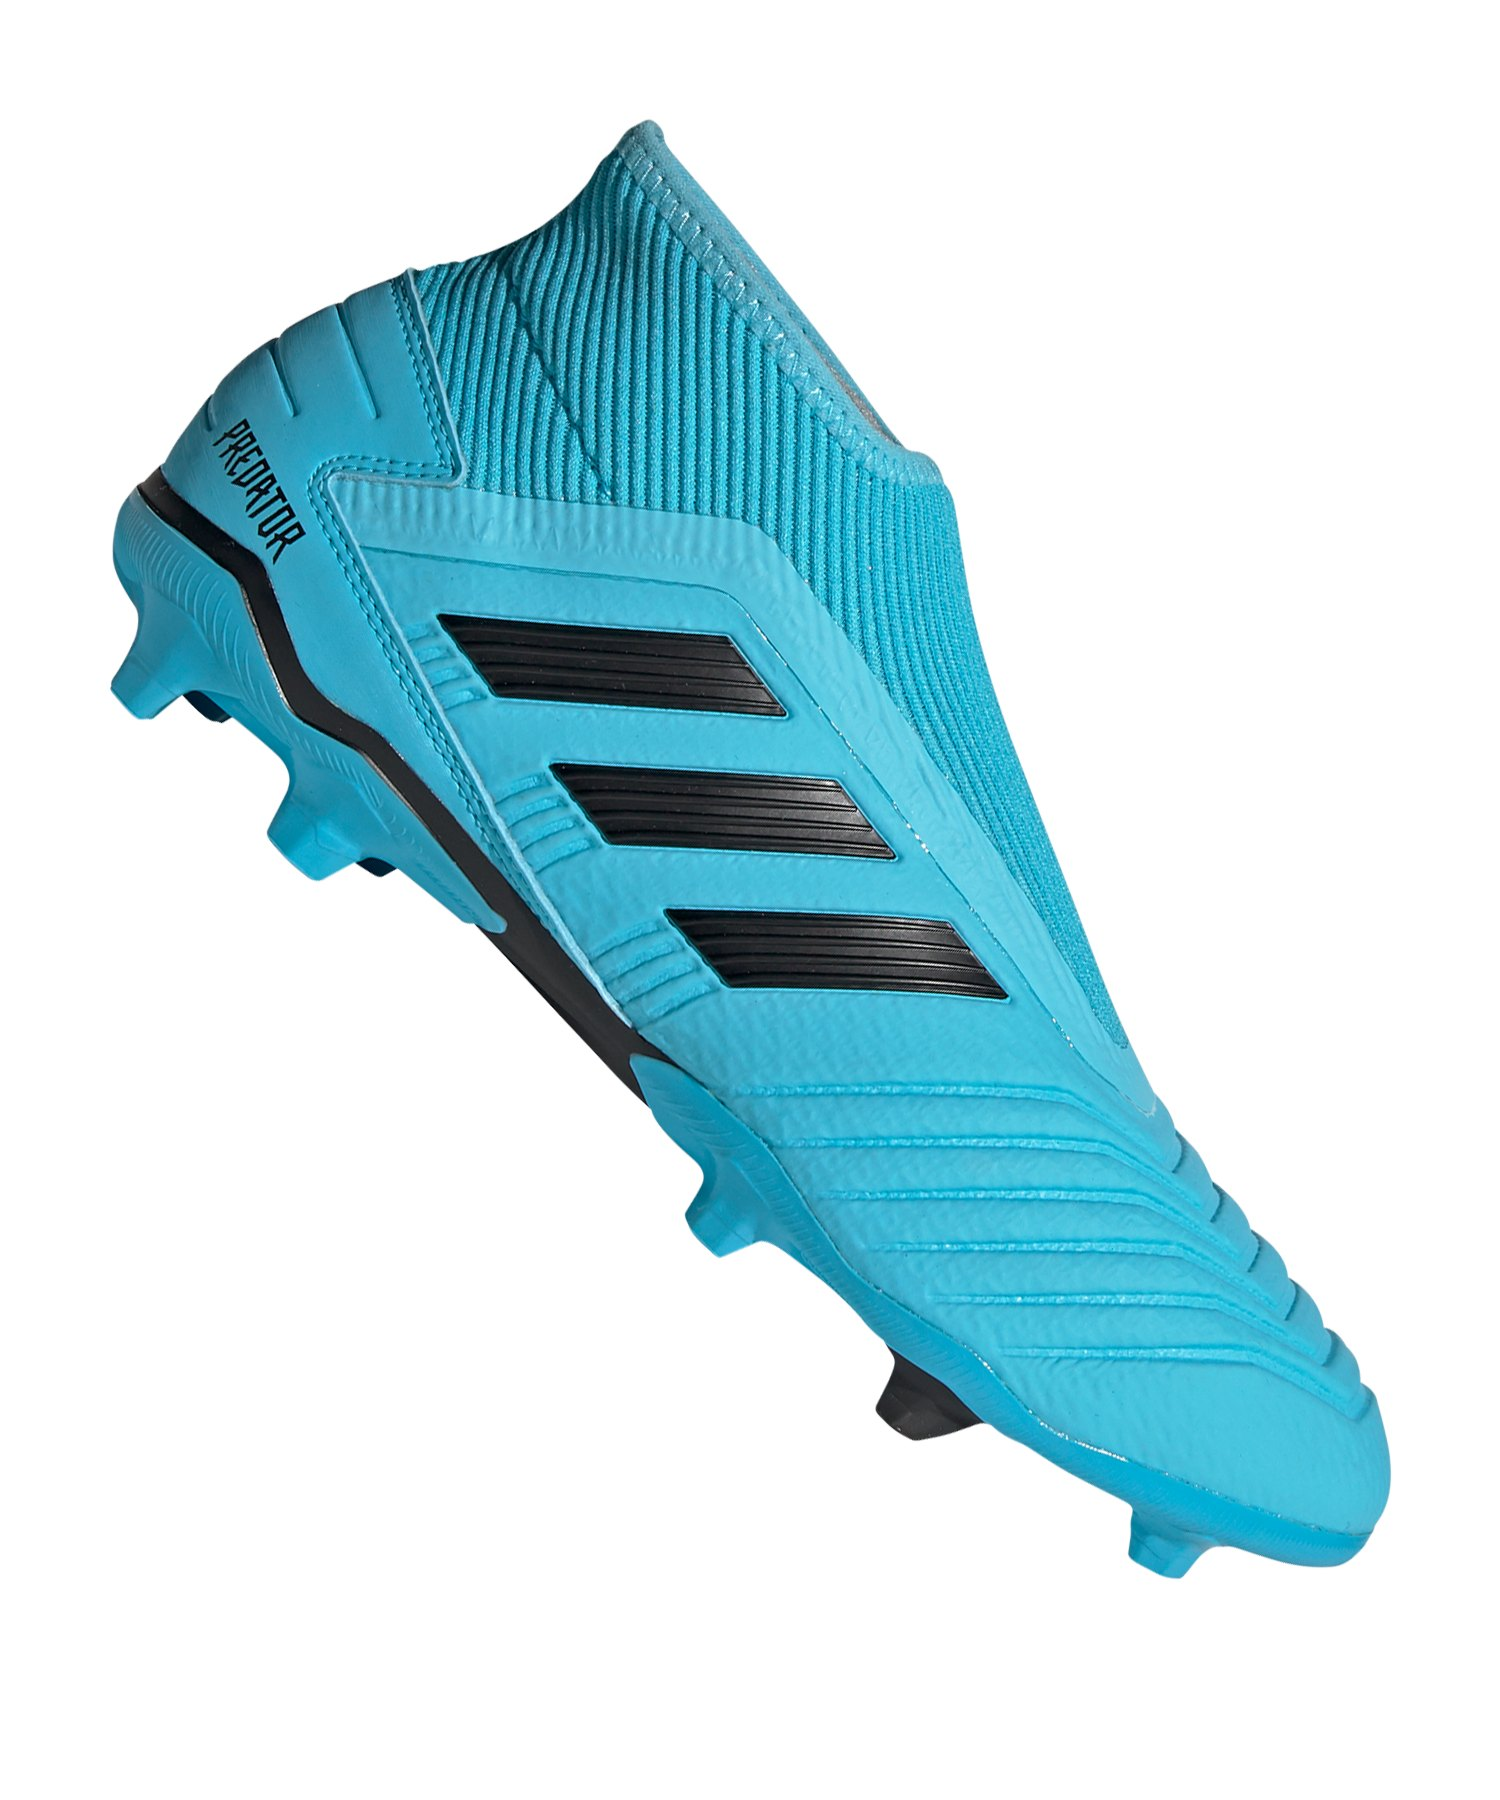 adidas Predator 19.3 LL FG Blau Schwarz - blau